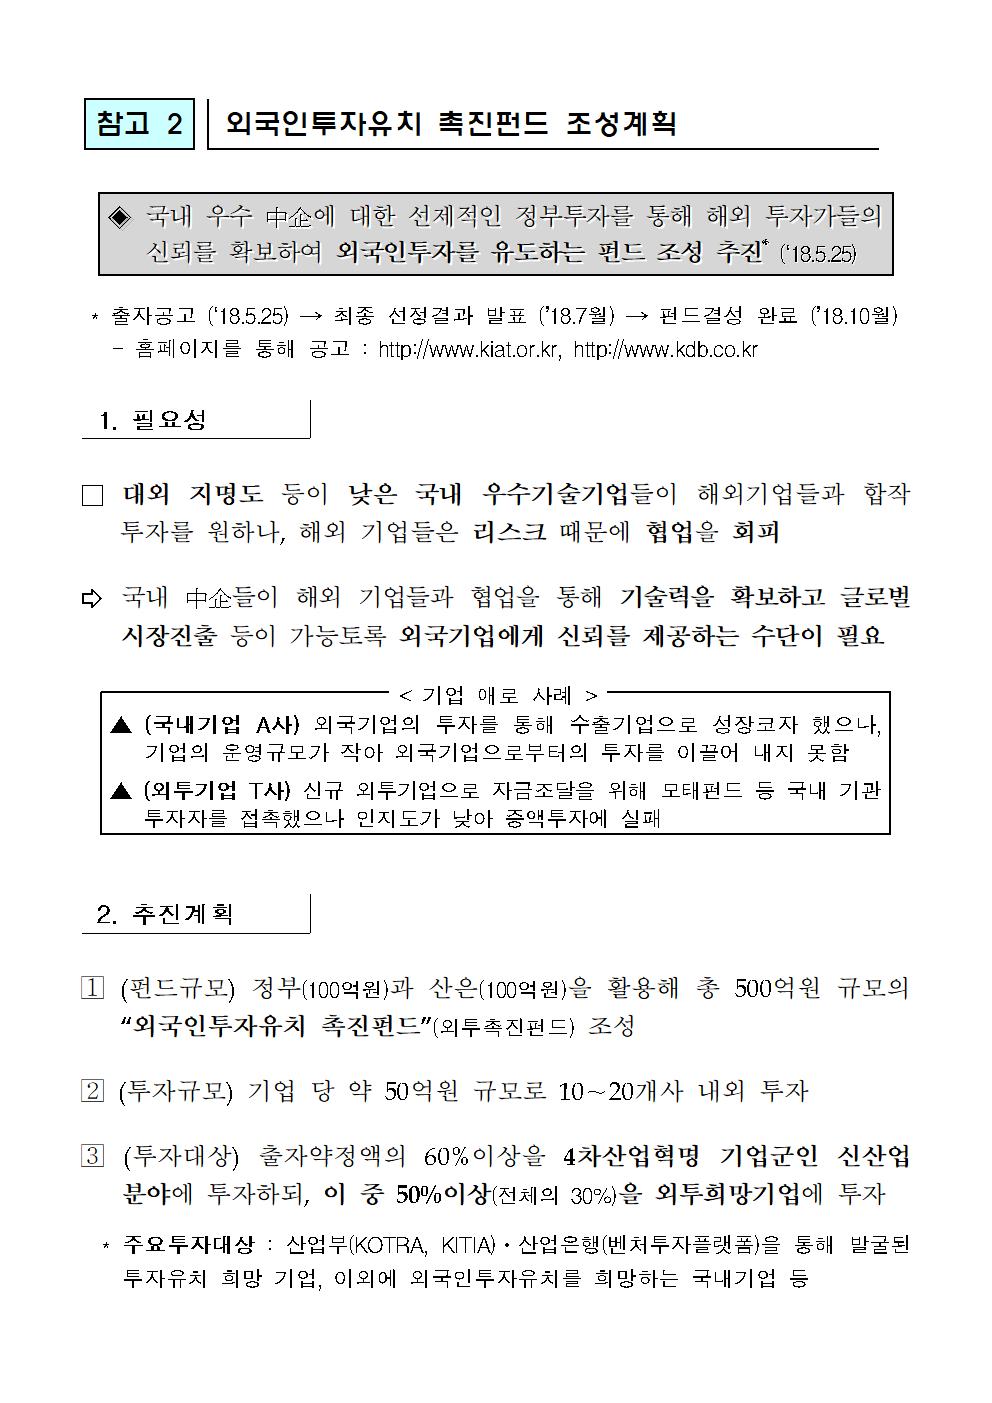 0521 (22일조간) 투자유치과, 제1회 외국인투자 카라반005.png